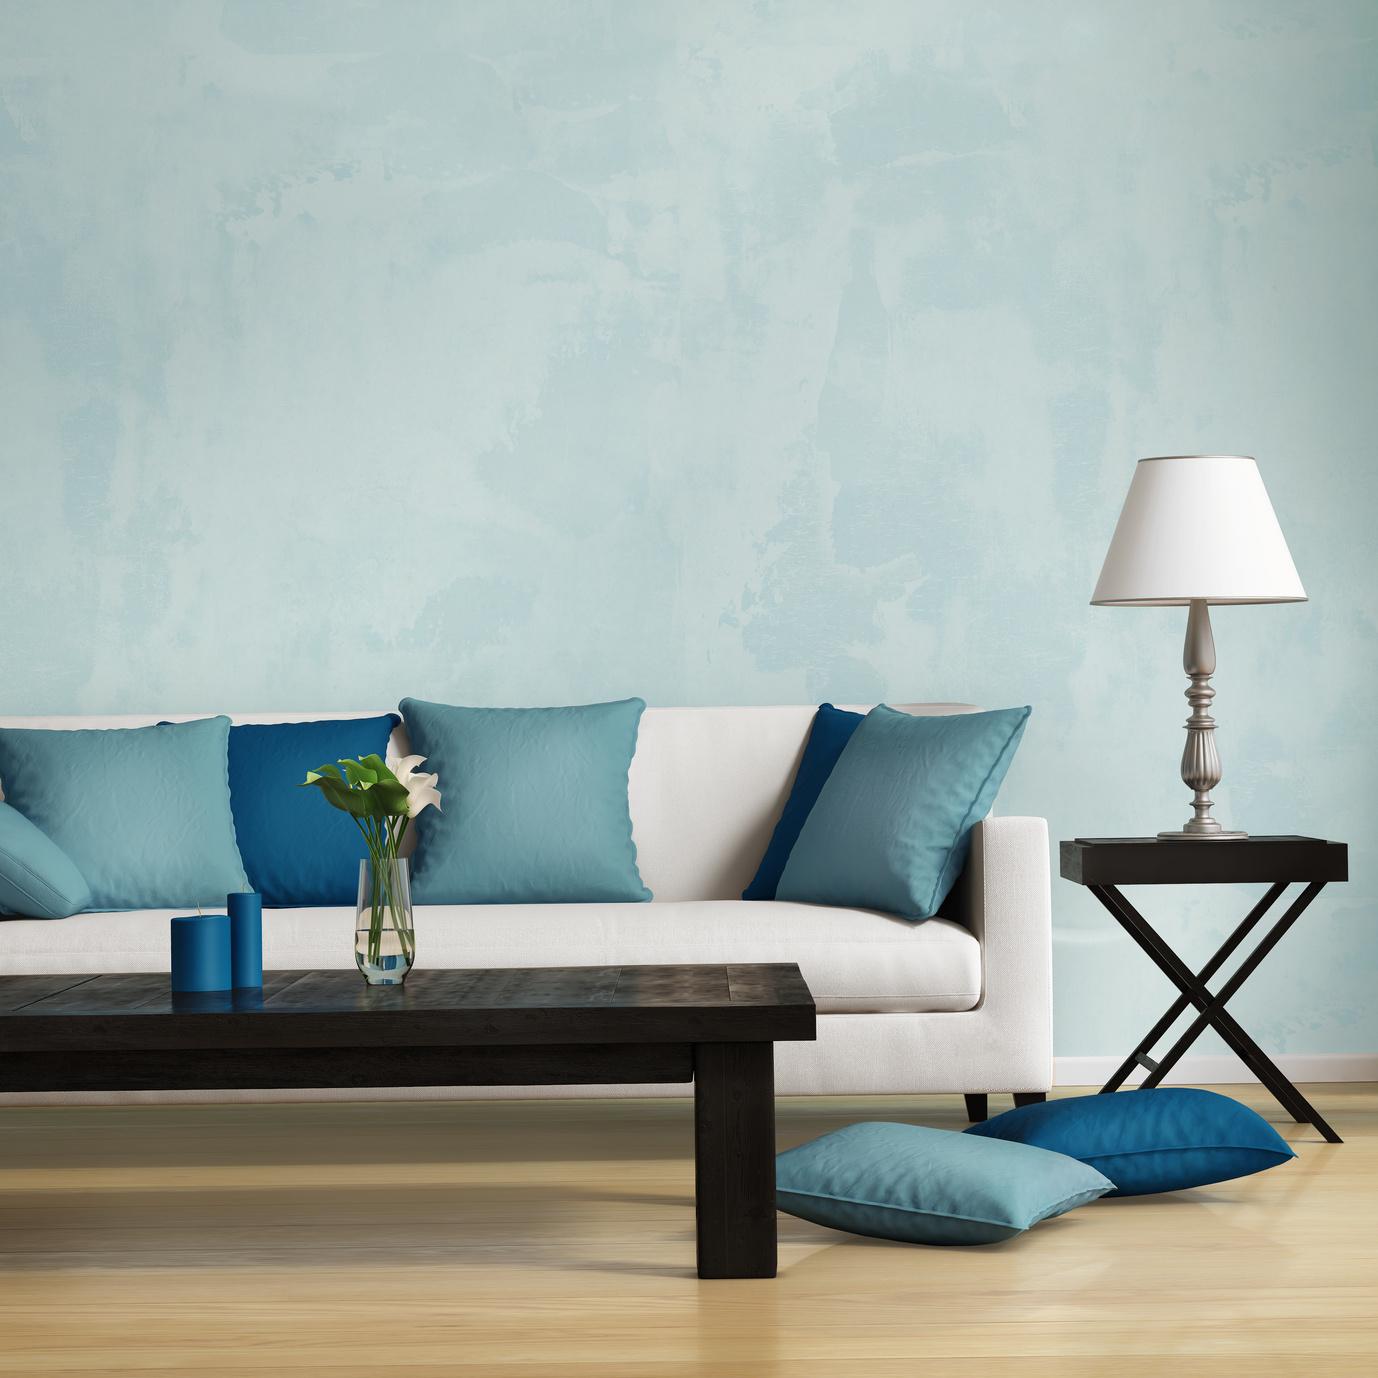 Сочетание бирюзового и синего цвета